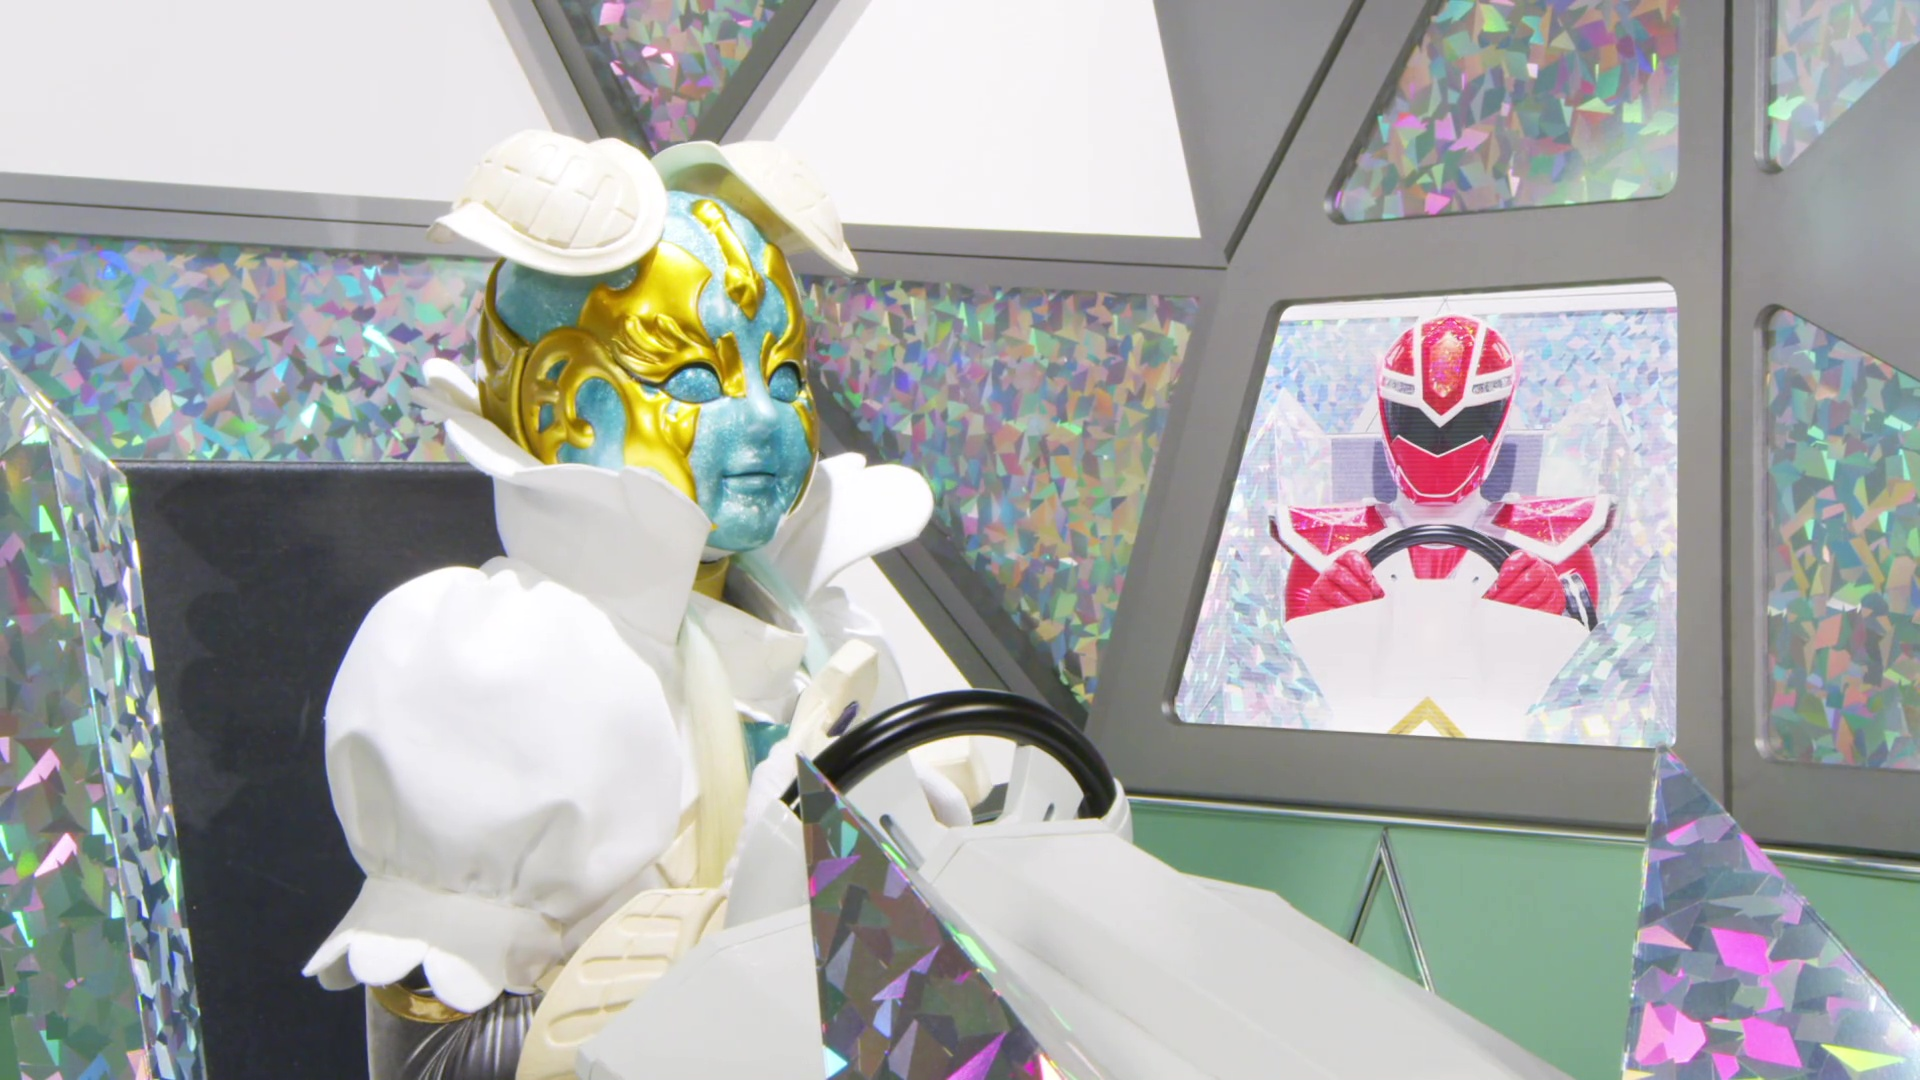 Mashin Sentai Kiramager Episode 23 Recap